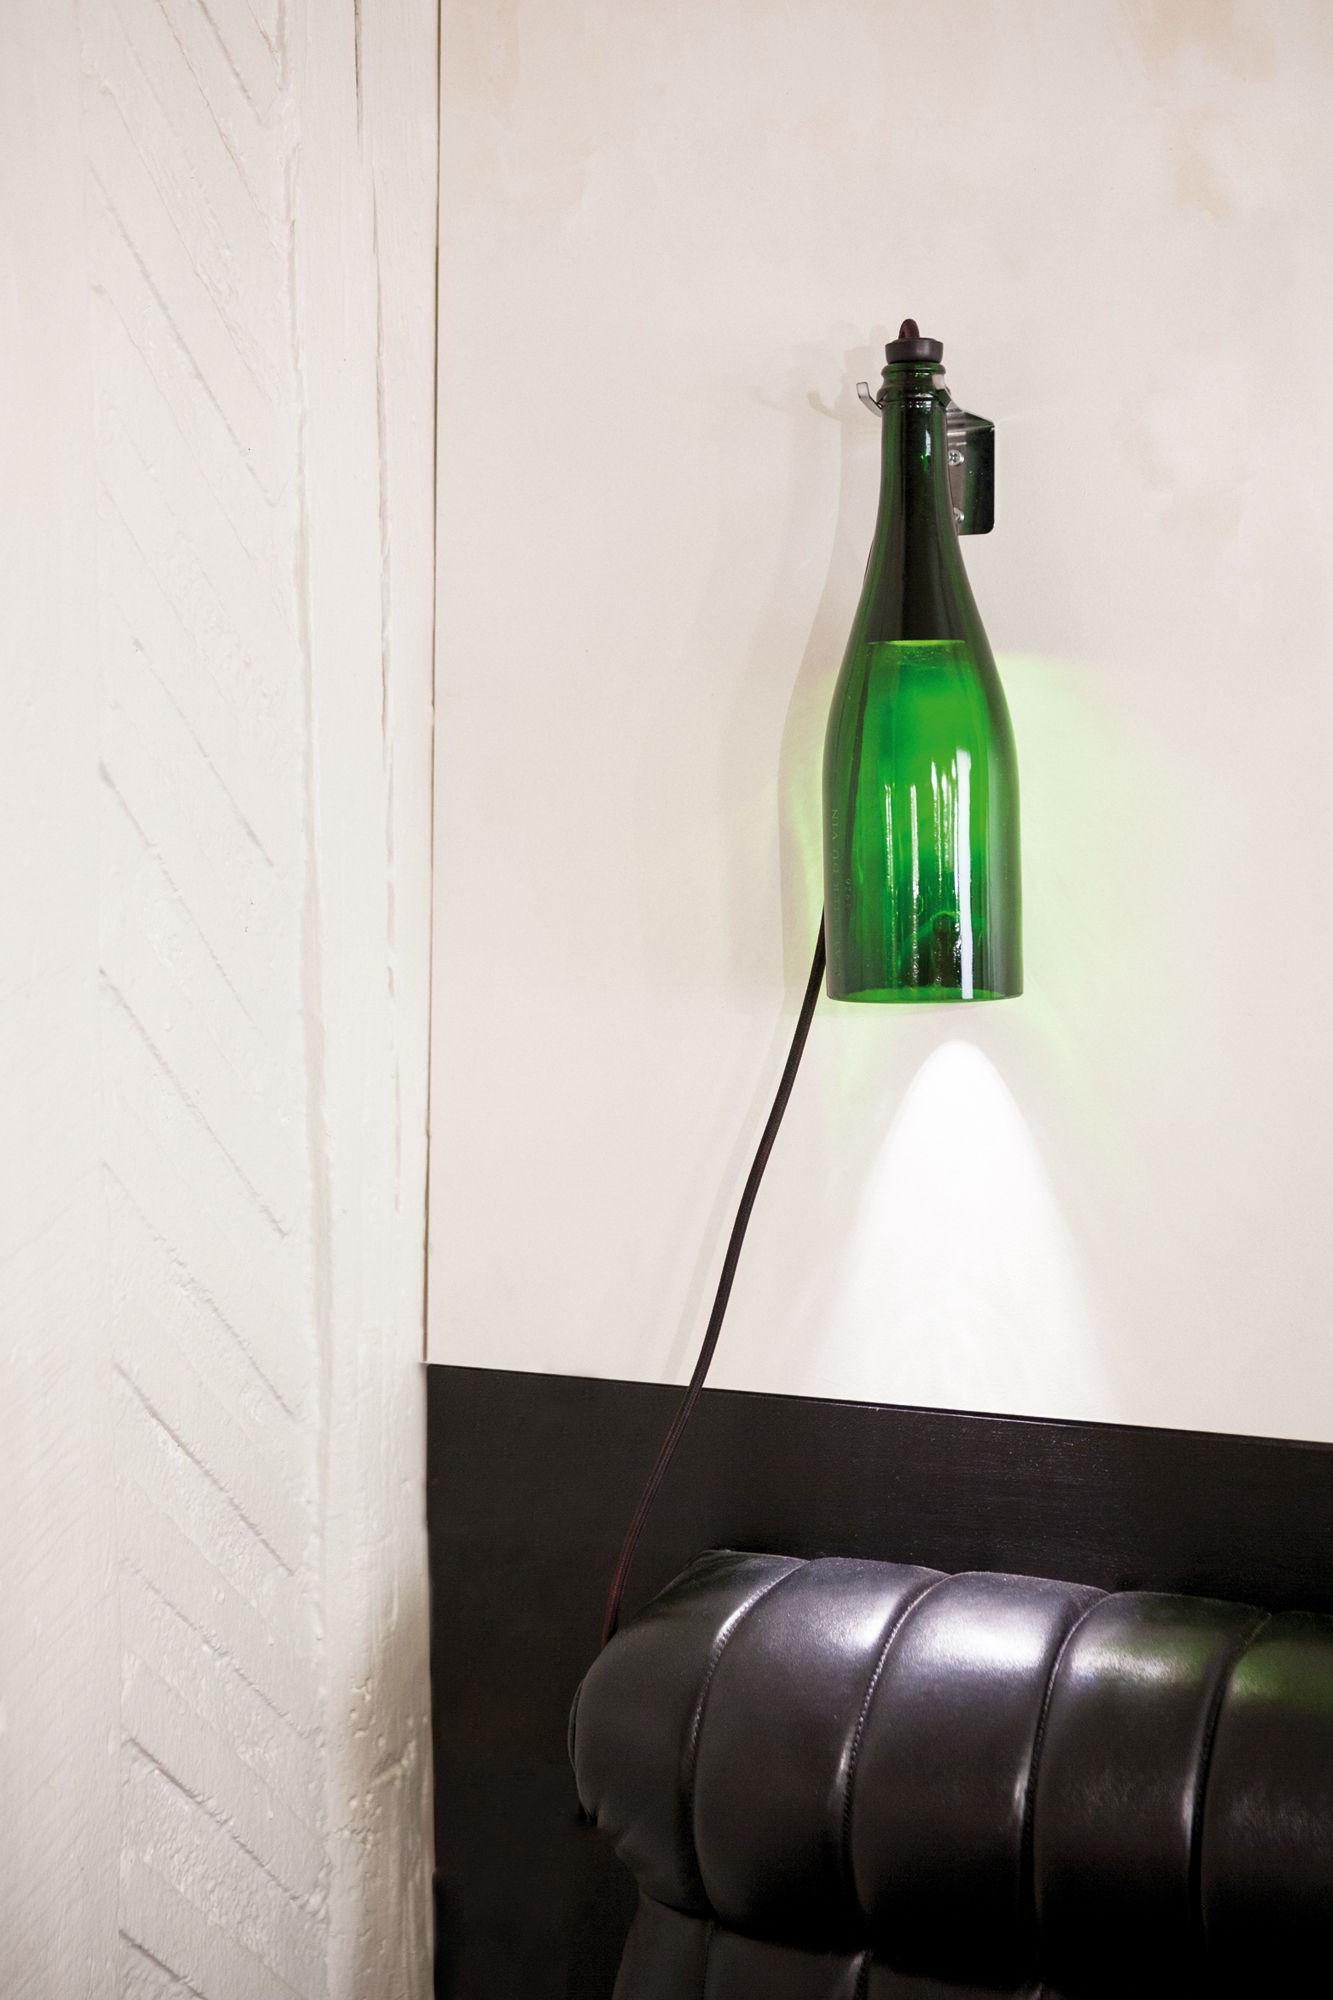 Table Lampe Du Bouteille Vin Applique Led De Torche L'atelier MSVUzp